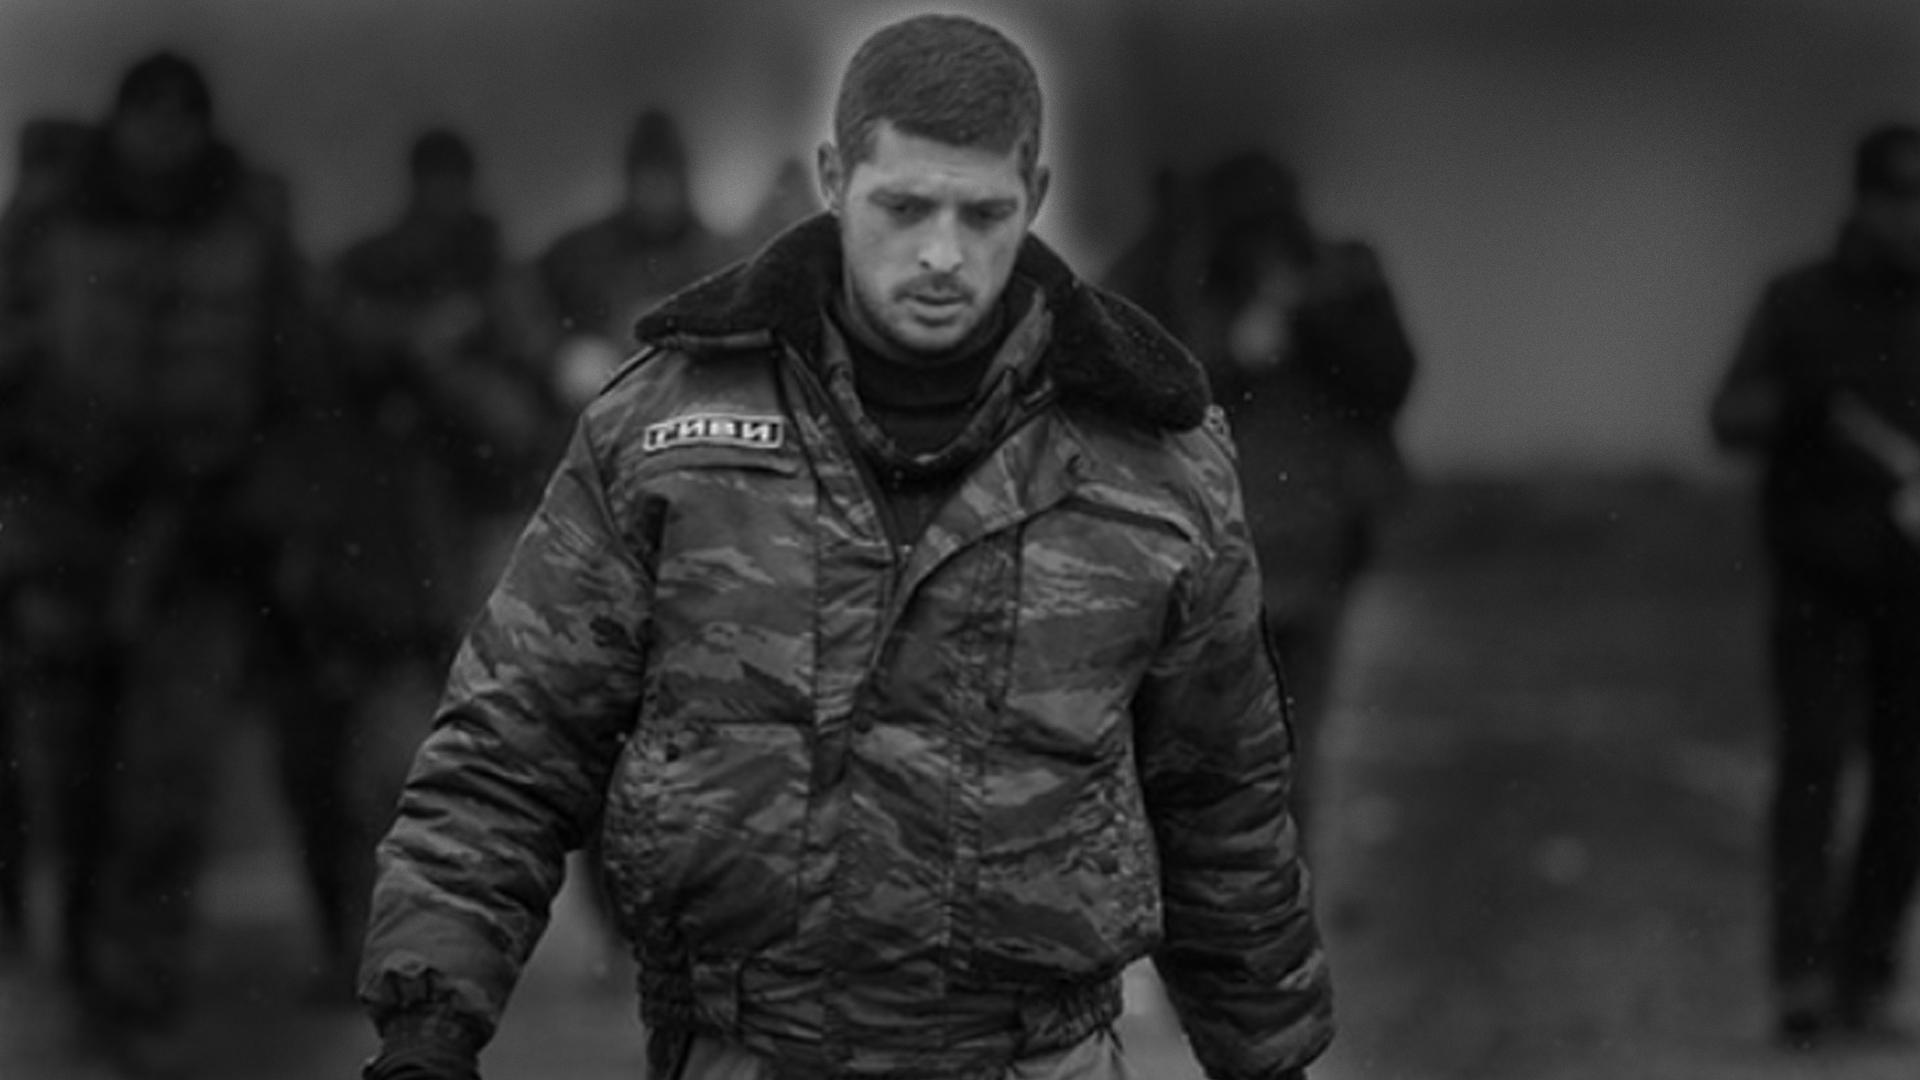 сепаратист гиви фото знойной, дерзкой таинственной